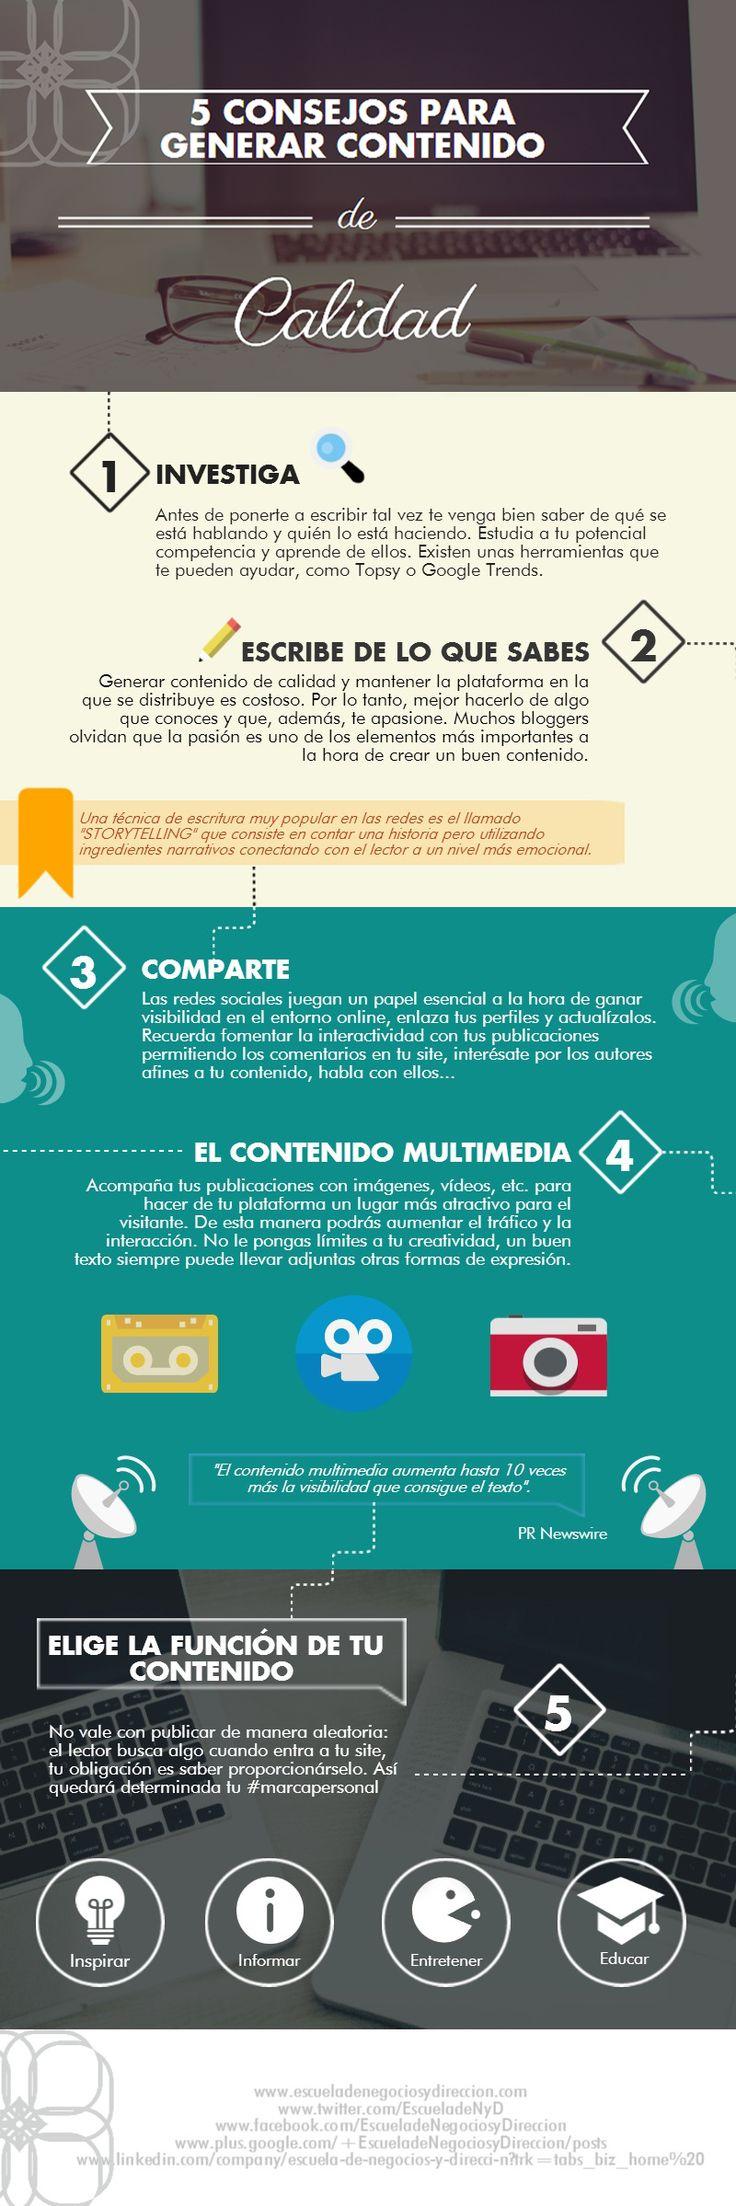 5 consejos para generar contenido de calidad.